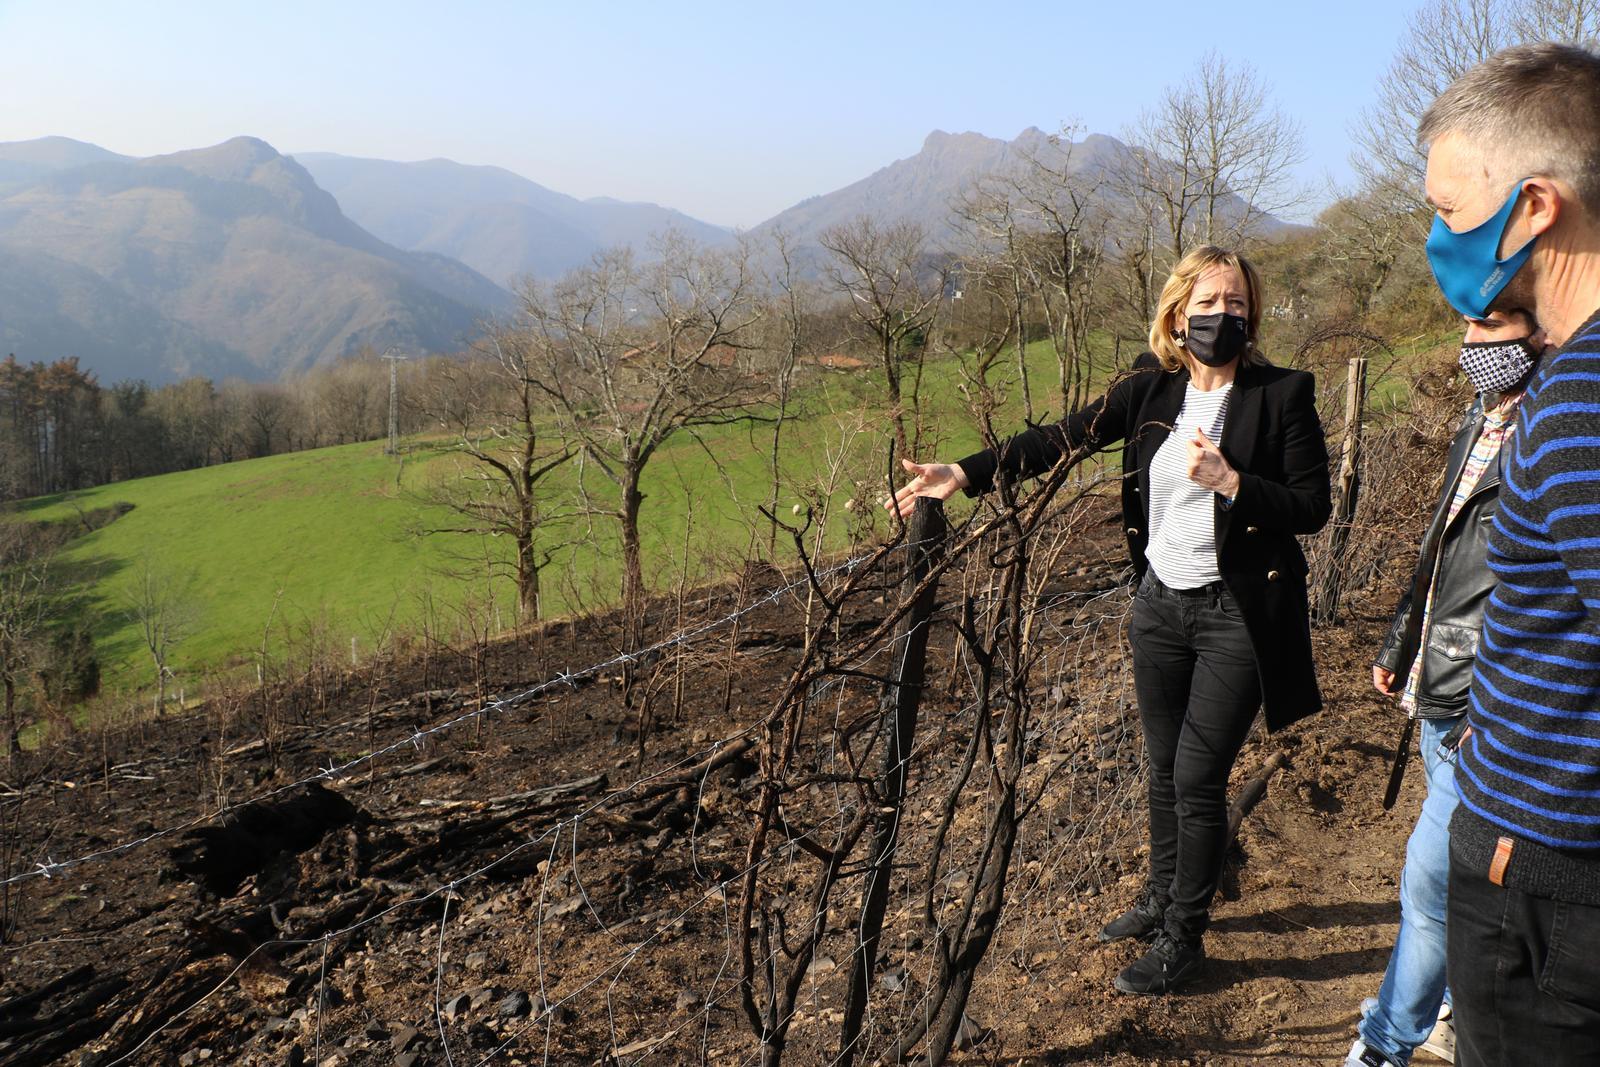 Visita de la diputada Eider Mendoza a la zona afectada por el fuego en Irun. Foto: Diputación